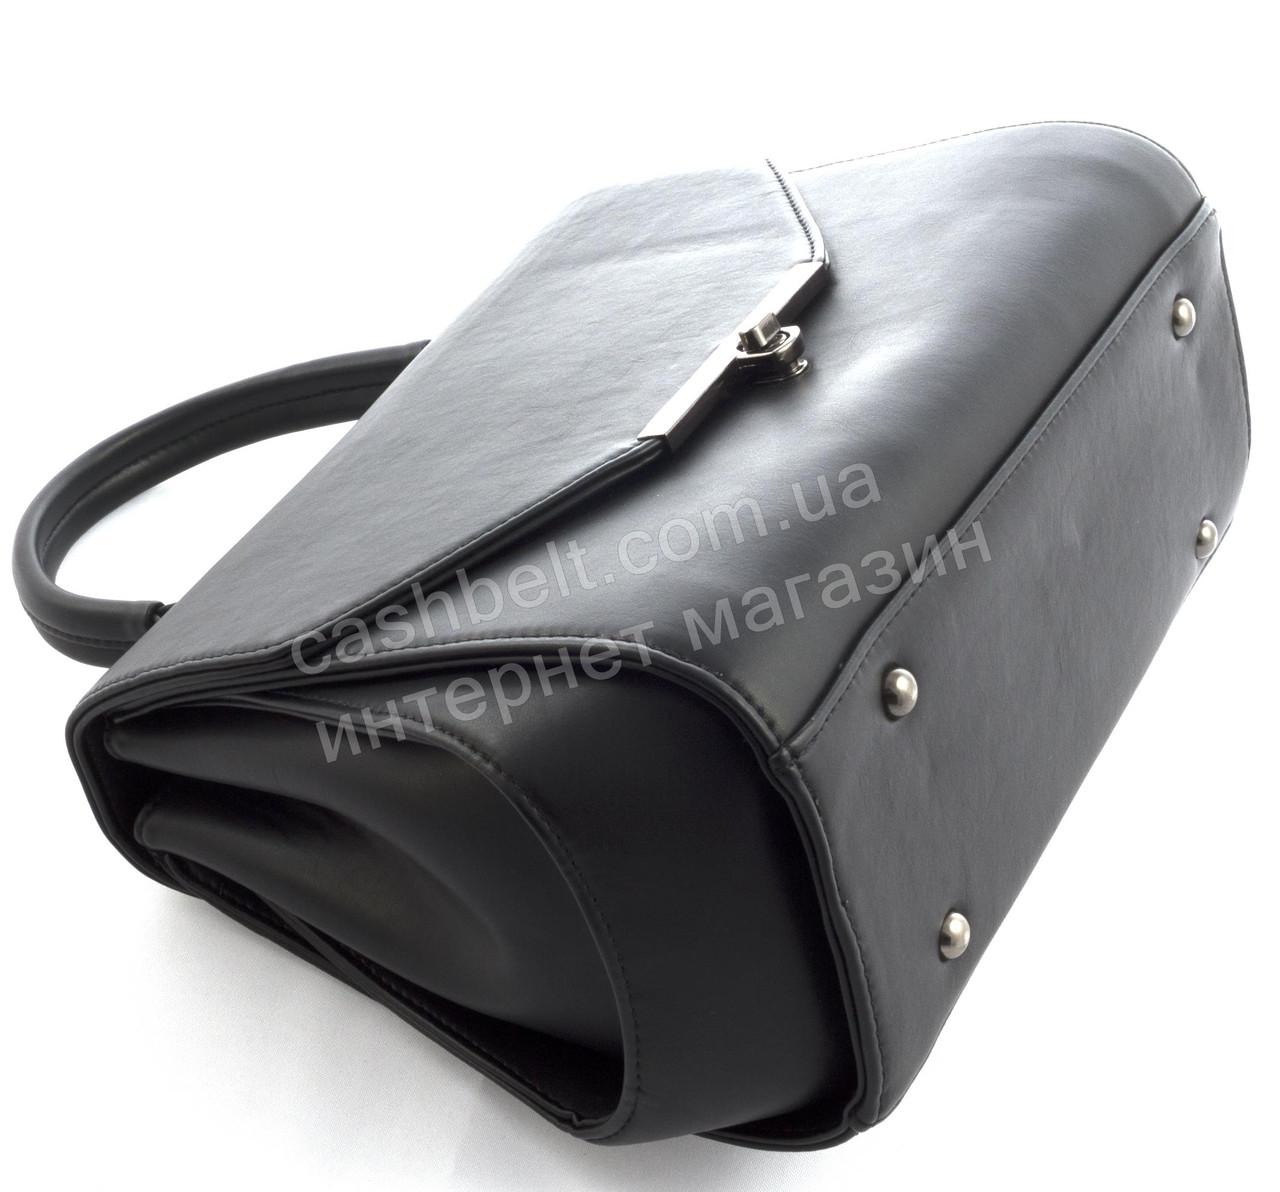 ... Стильная каркасная оригинальная женская сумка саквояж среднего размера  art. 809b8175820